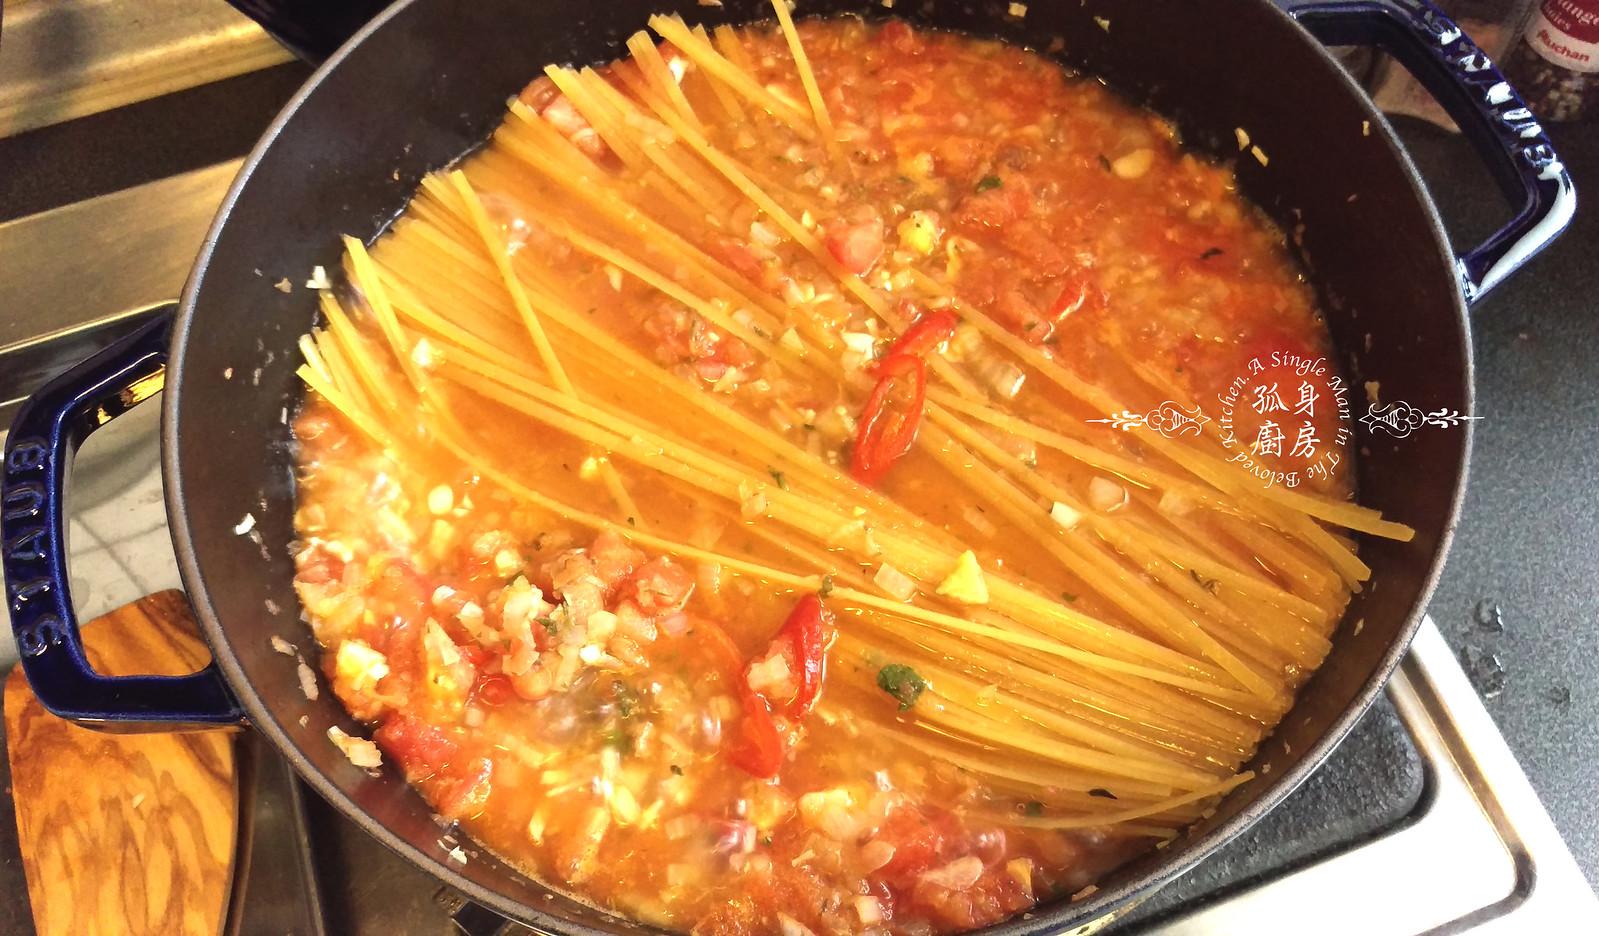 孤身廚房-一鍋到底!香辣蕃茄蘆筍菠菜細扁麵16